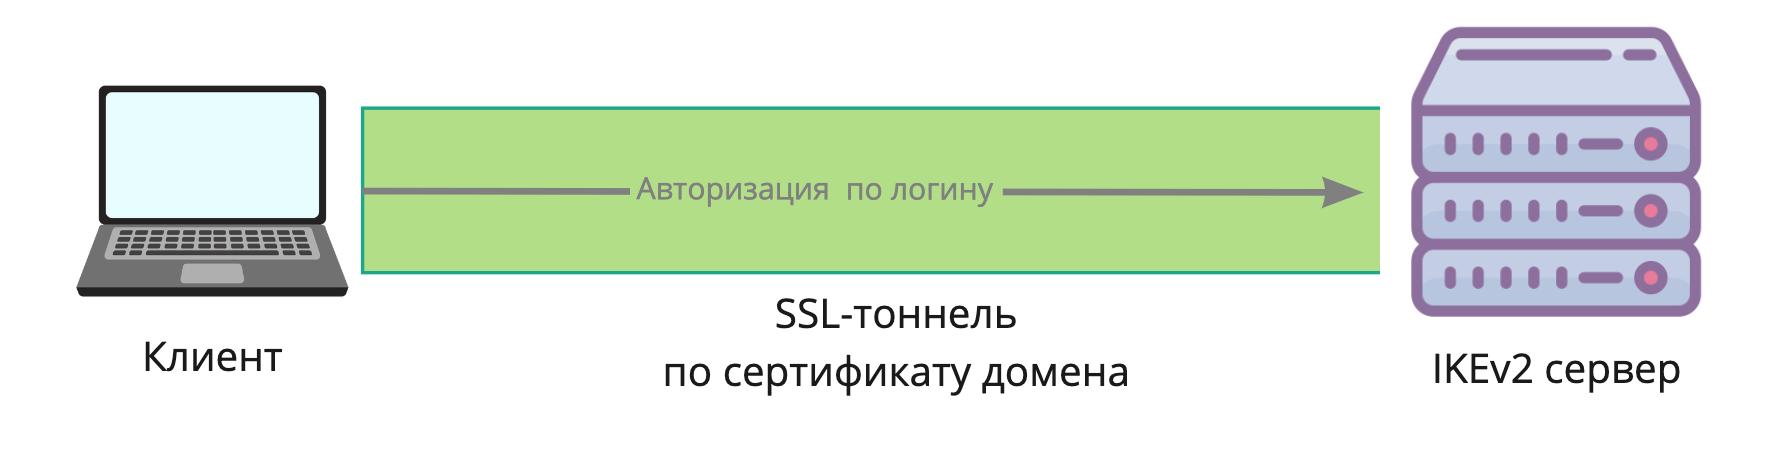 Почему я люблю IKEv2 больше других VPN - 8